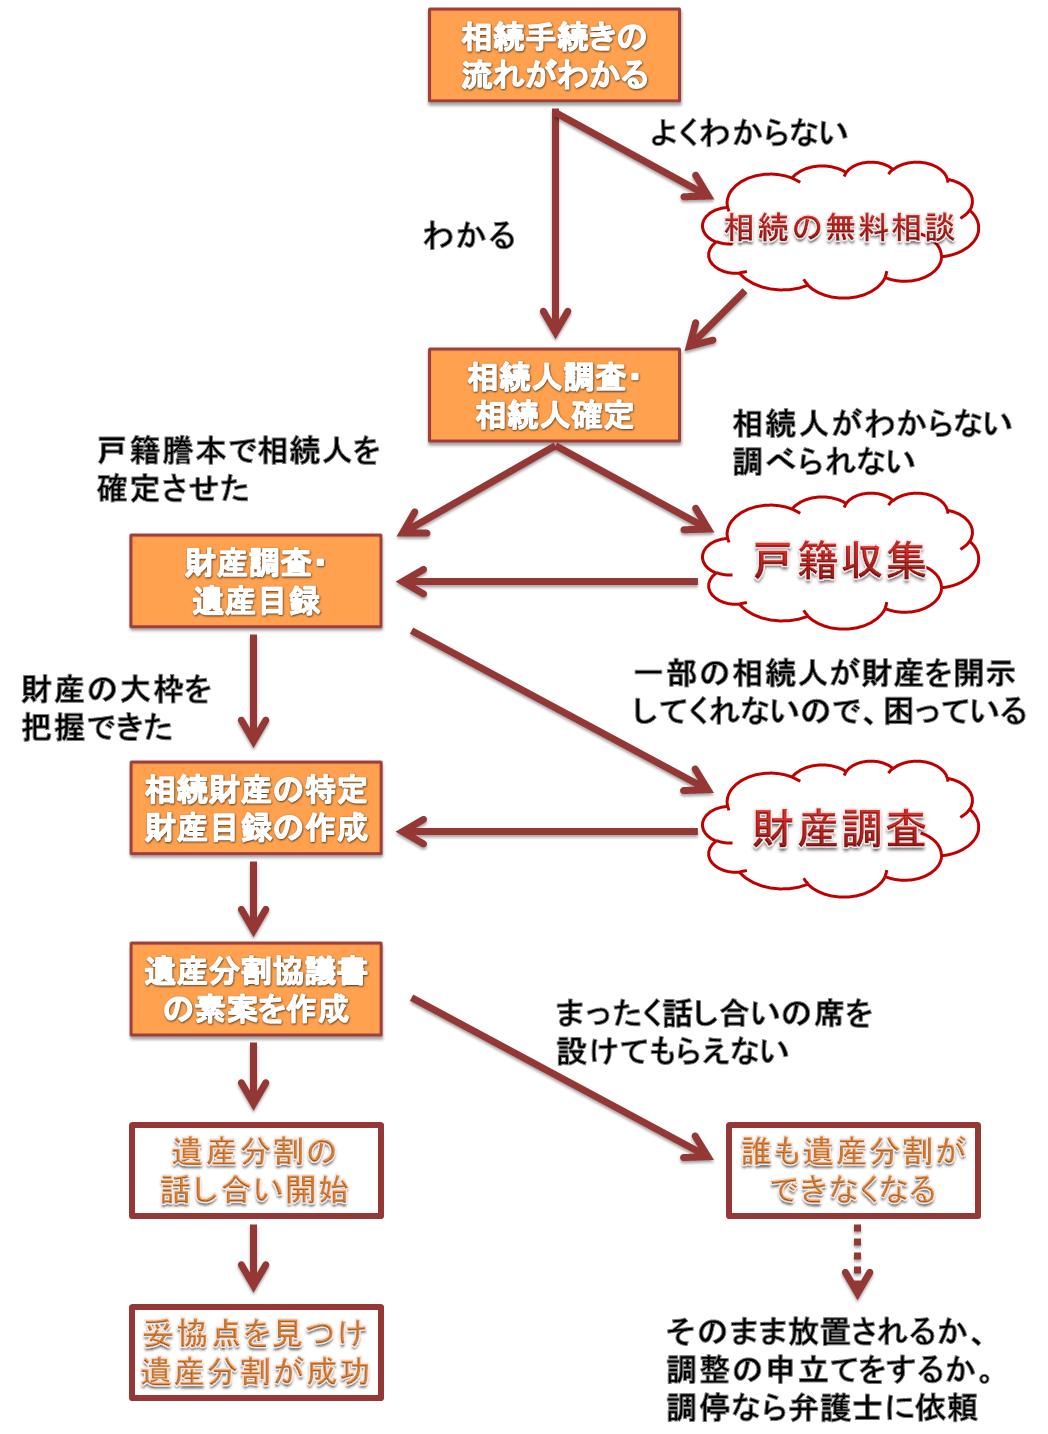 協議分割の流れのバナー(中日本司法書士事務所)